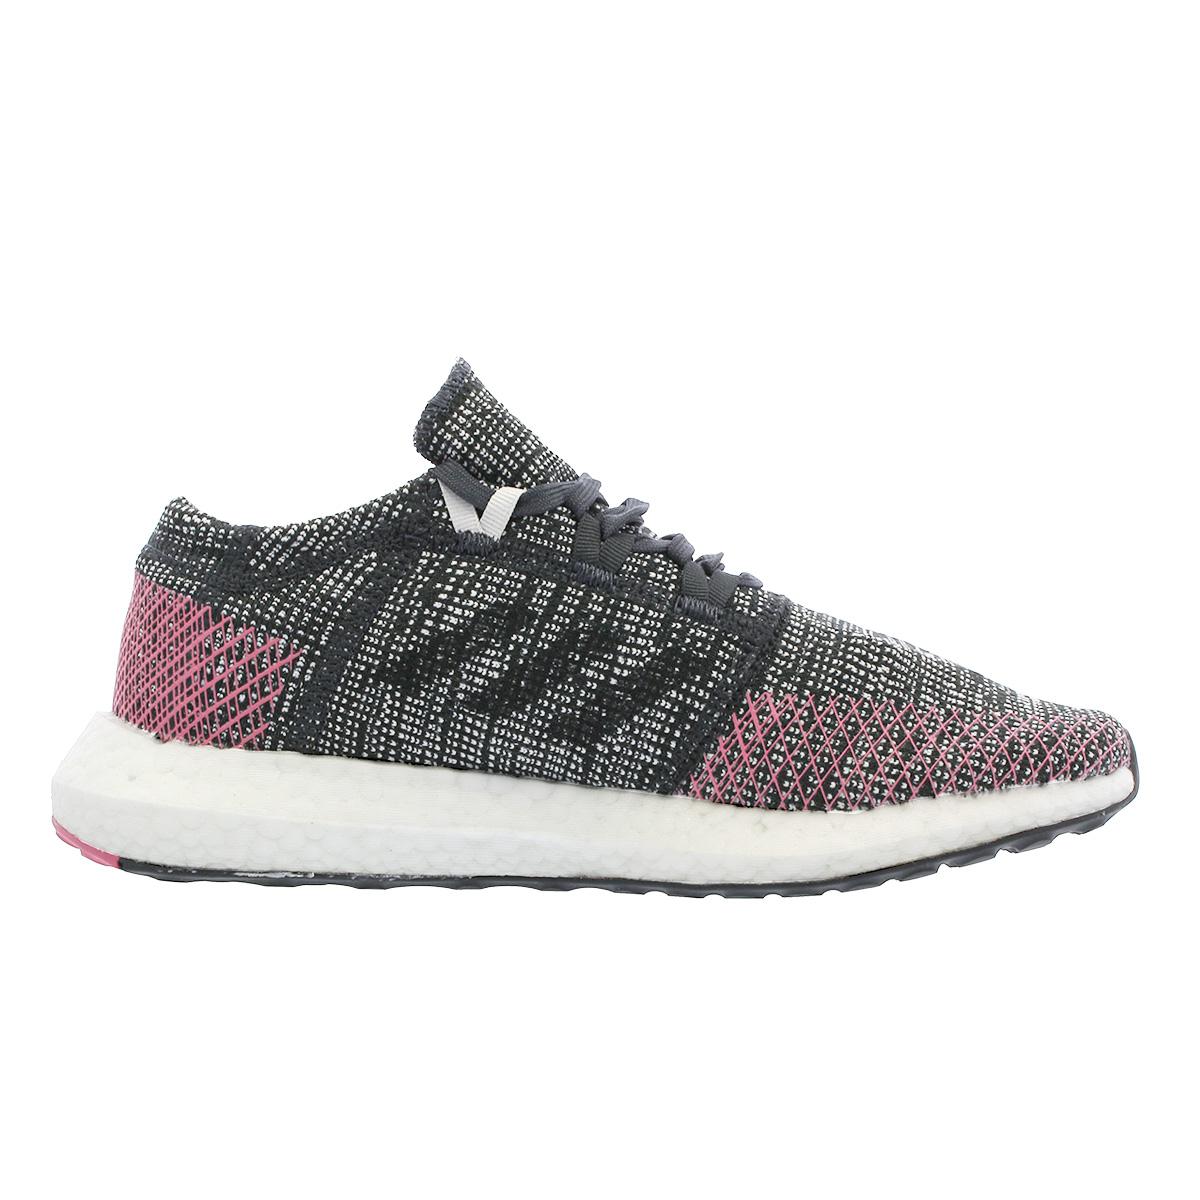 7055c4545edd3 adidas PureBOOST GO W Adidas pure boost GO women CARBON TRACE MAROON b75667